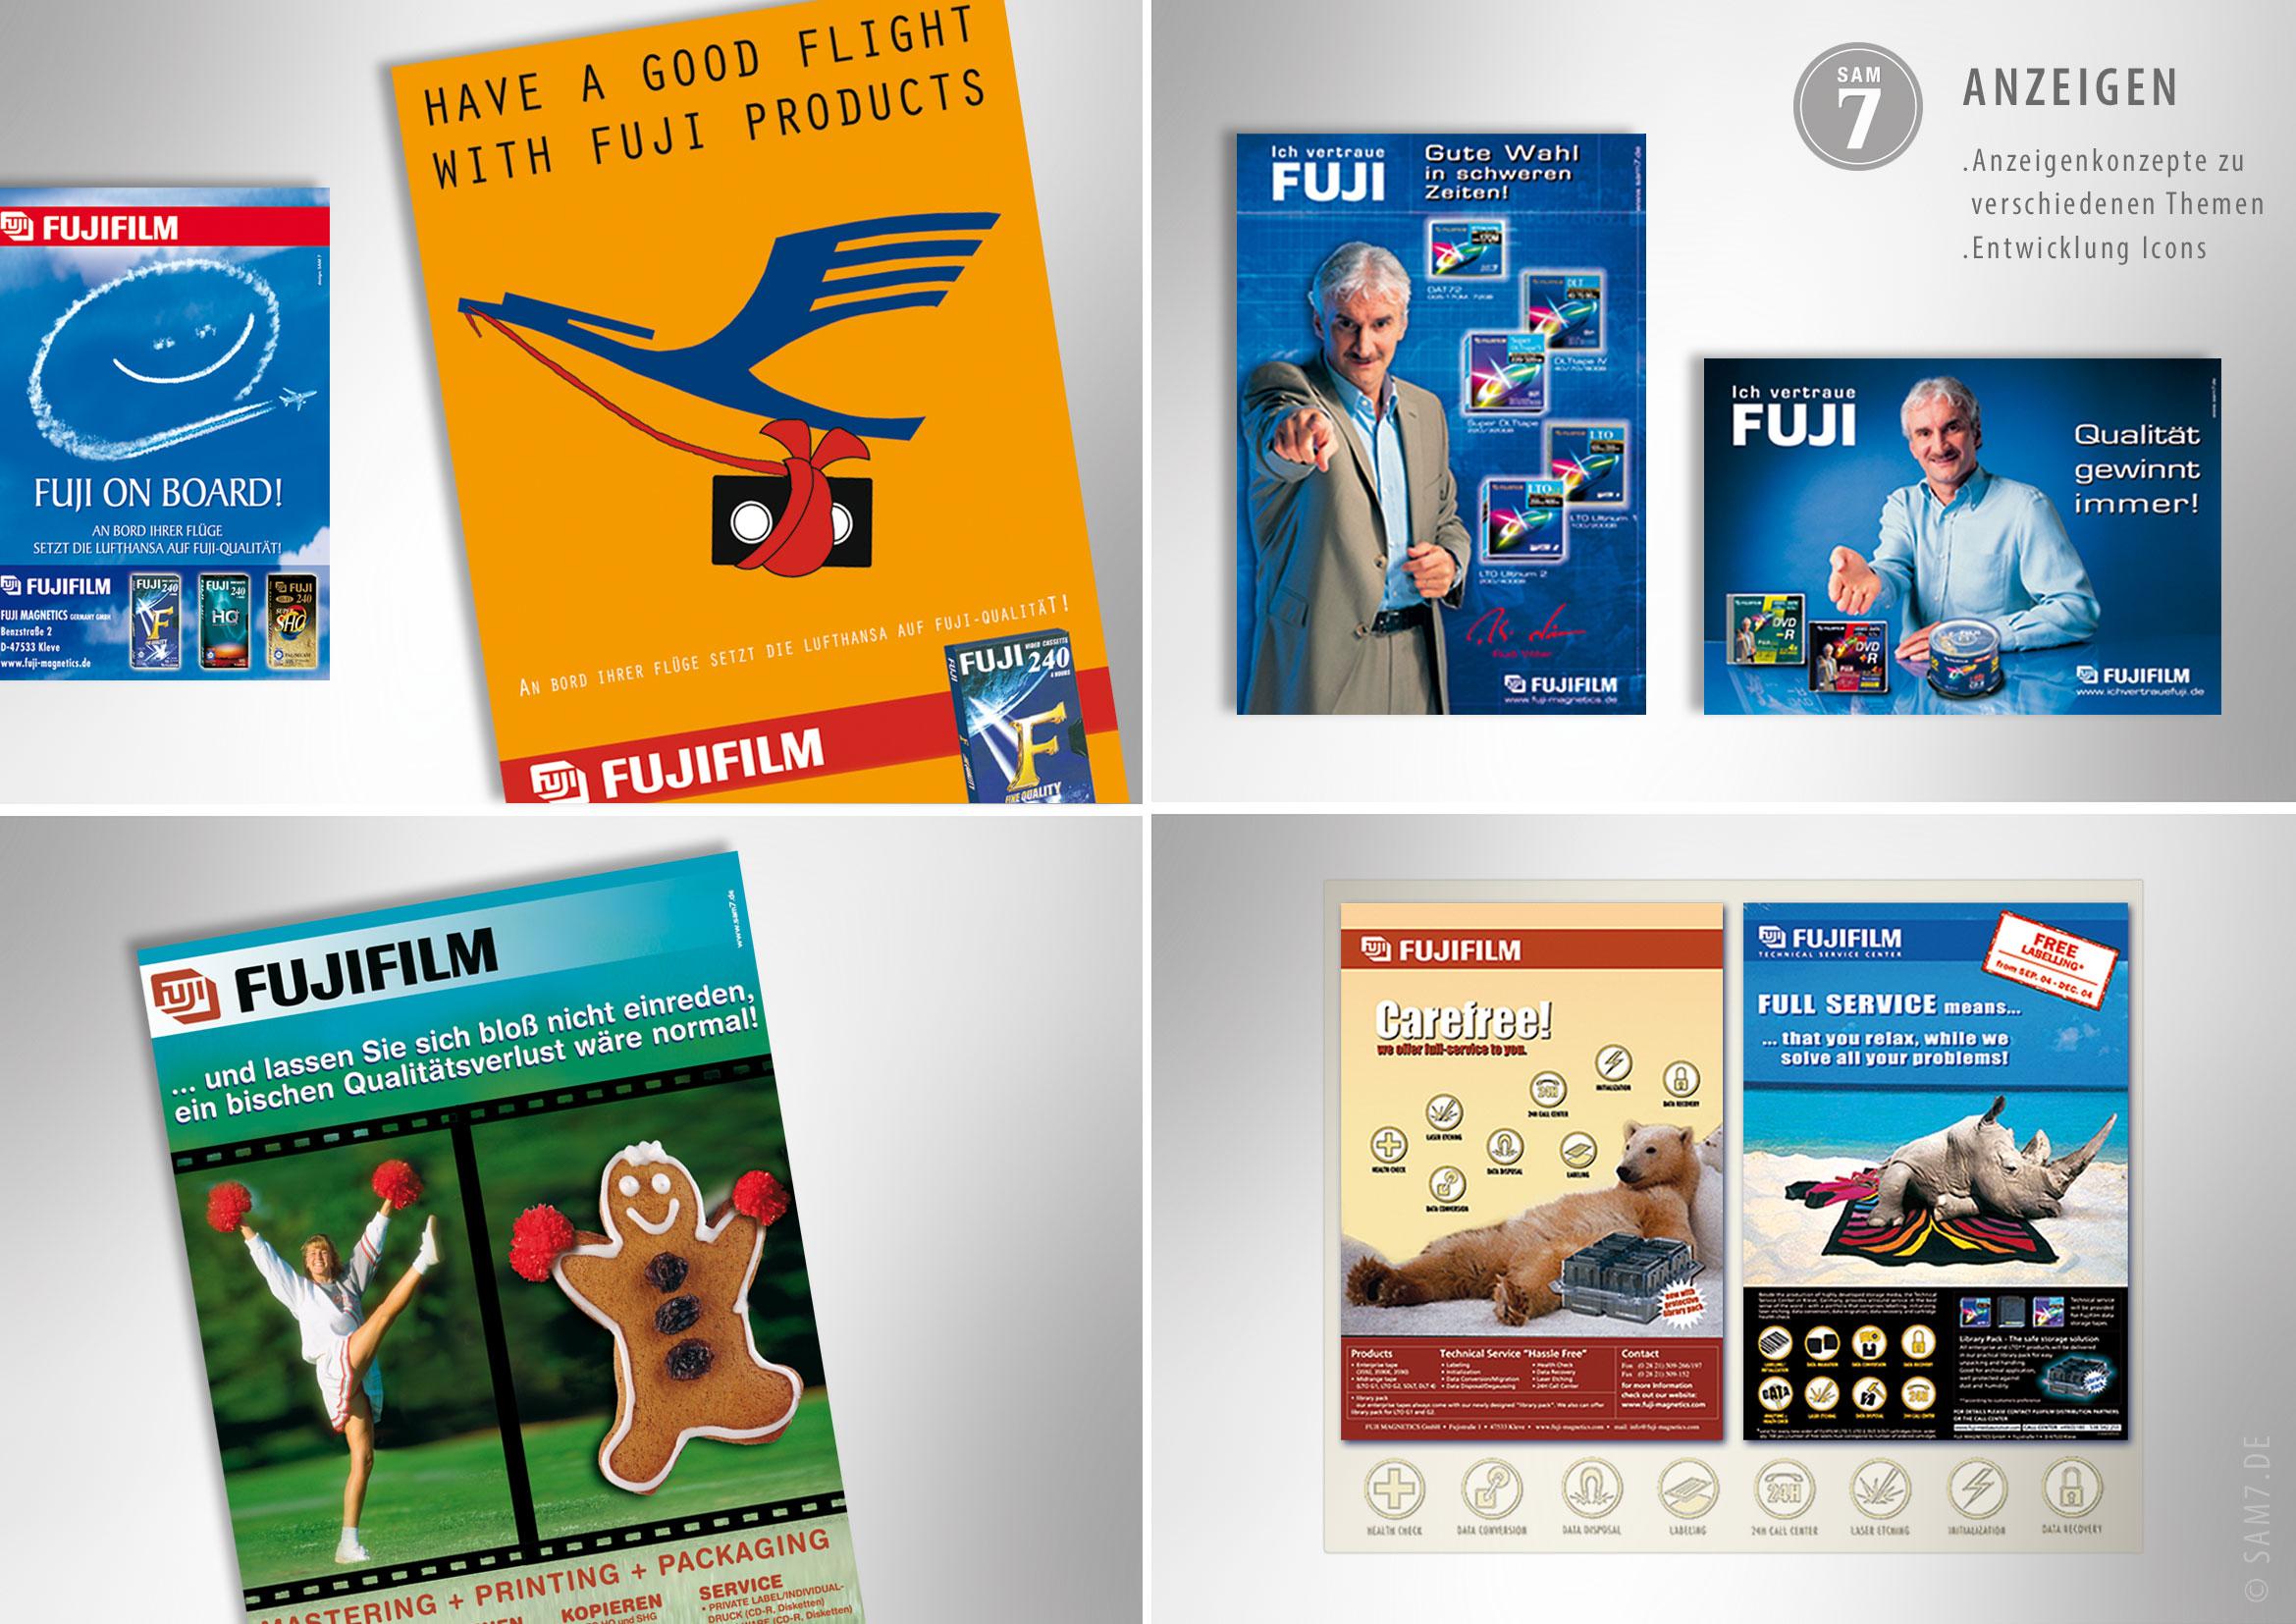 Advertising Fuji Anzeigen